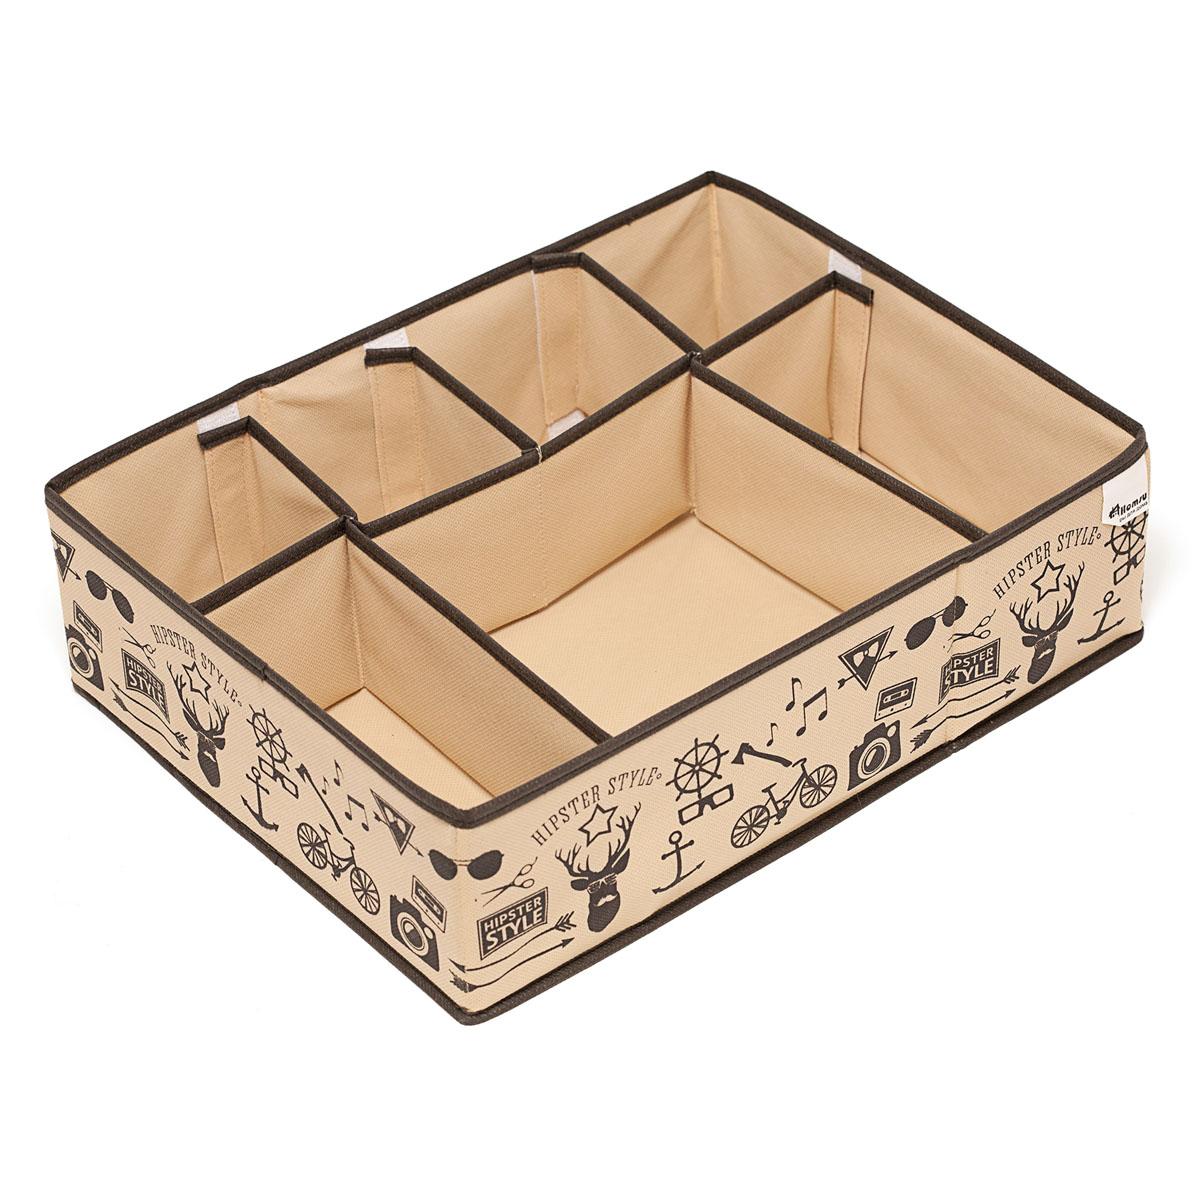 Органайзер для хранения вещей Homsu Hipster Style, 7 секций, 44 х 34 х 11 смRG-D31SКомпактный органайзер Homsu Hipster Style изготовлен из высококачественного полиэстера, который обеспечивает естественную вентиляцию. Материал позволяет воздуху свободно проникать внутрь, но не пропускает пыль. Органайзер отлично держит форму, благодаря вставкам из плотного картона. Изделие имеет 7 секций для хранения нижнего белья, колготок, носков и другой одежды.Такой органайзер позволит вам хранить вещи компактно и удобно, а оригинальный дизайн сделает вашу гардеробную красивой и невероятно стильной.